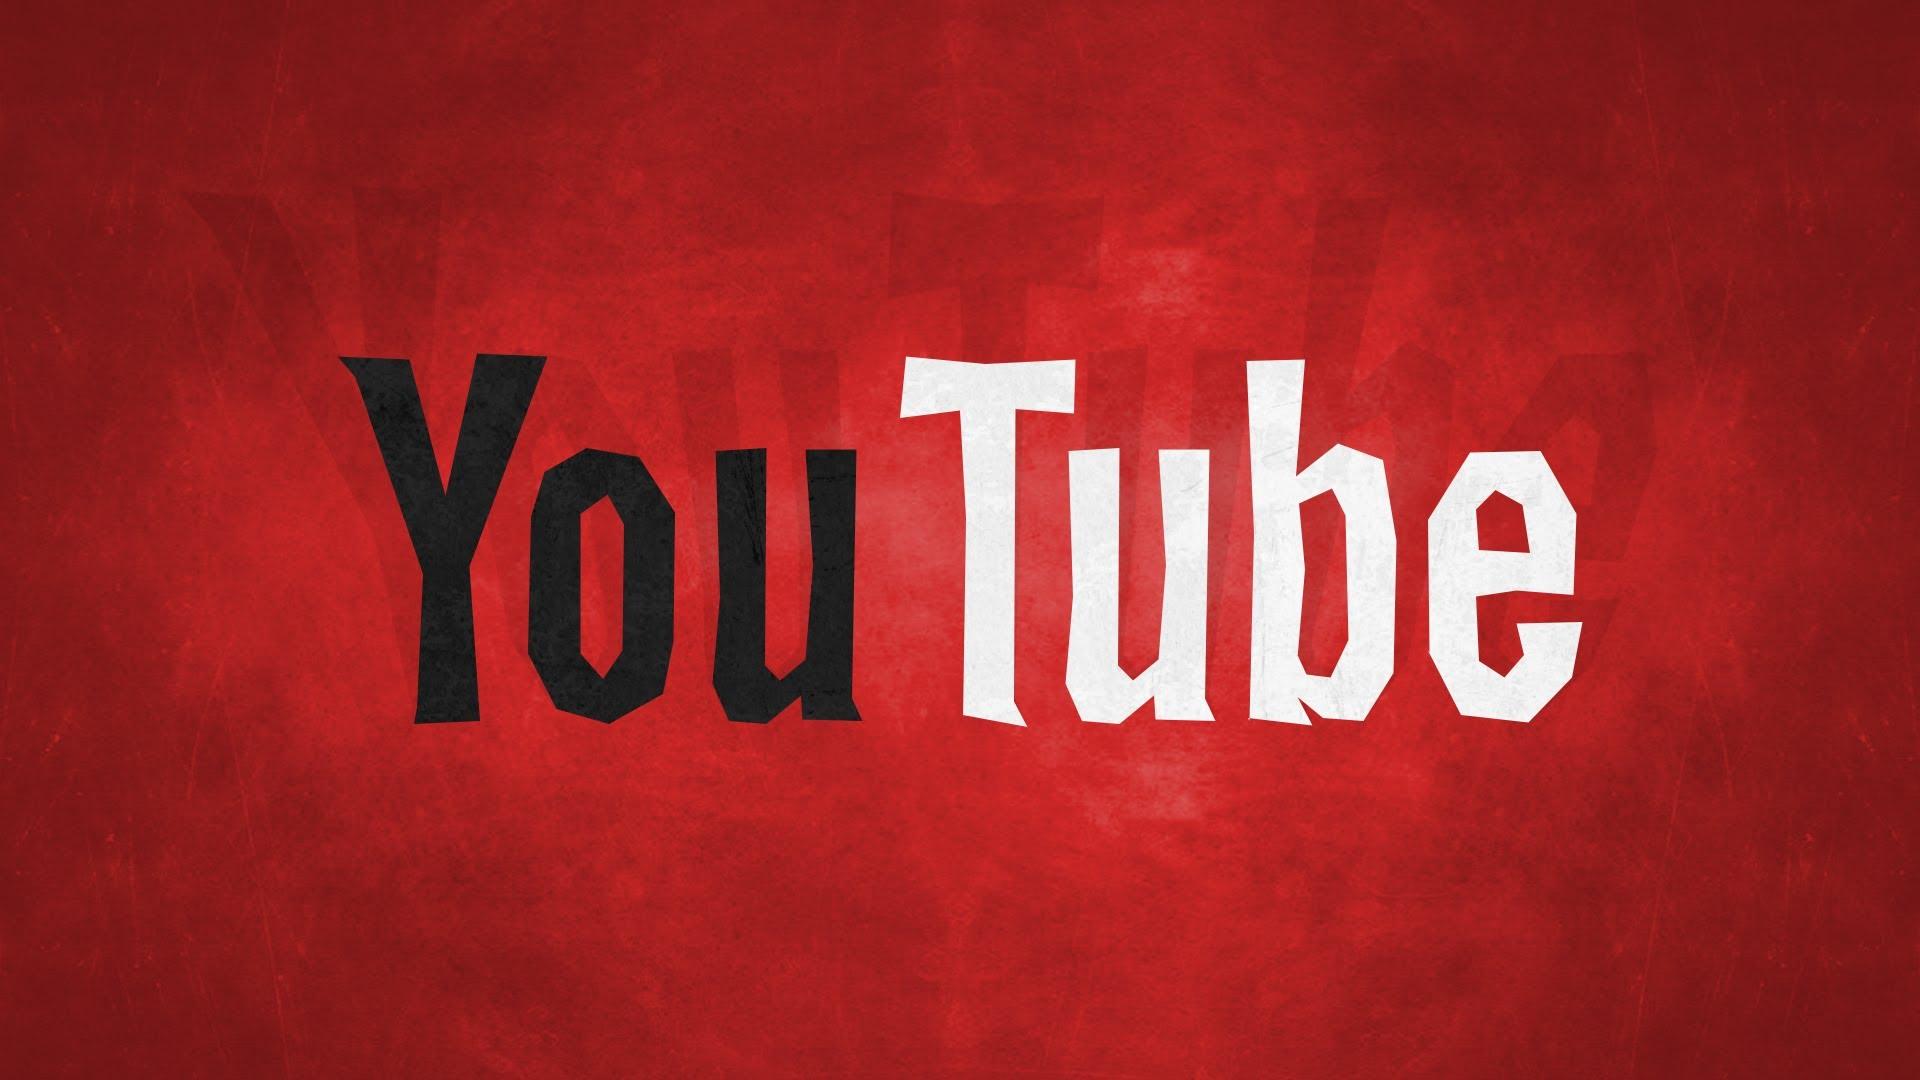 Youtubeerişimin Engellenmesiifade özgürlüğüaym Kararı Hukukpolitik